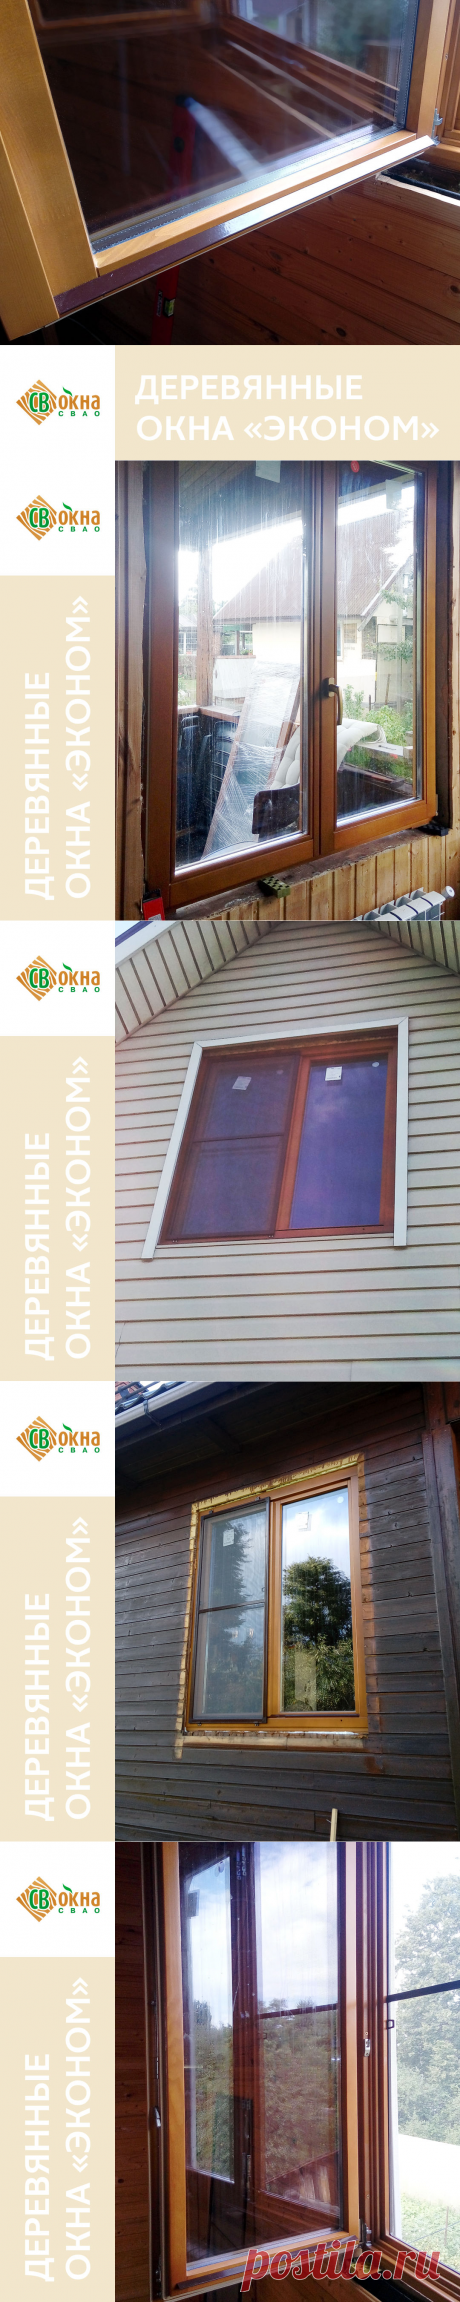 Монтаж деревянных окон «Эконом» в каркасный дом